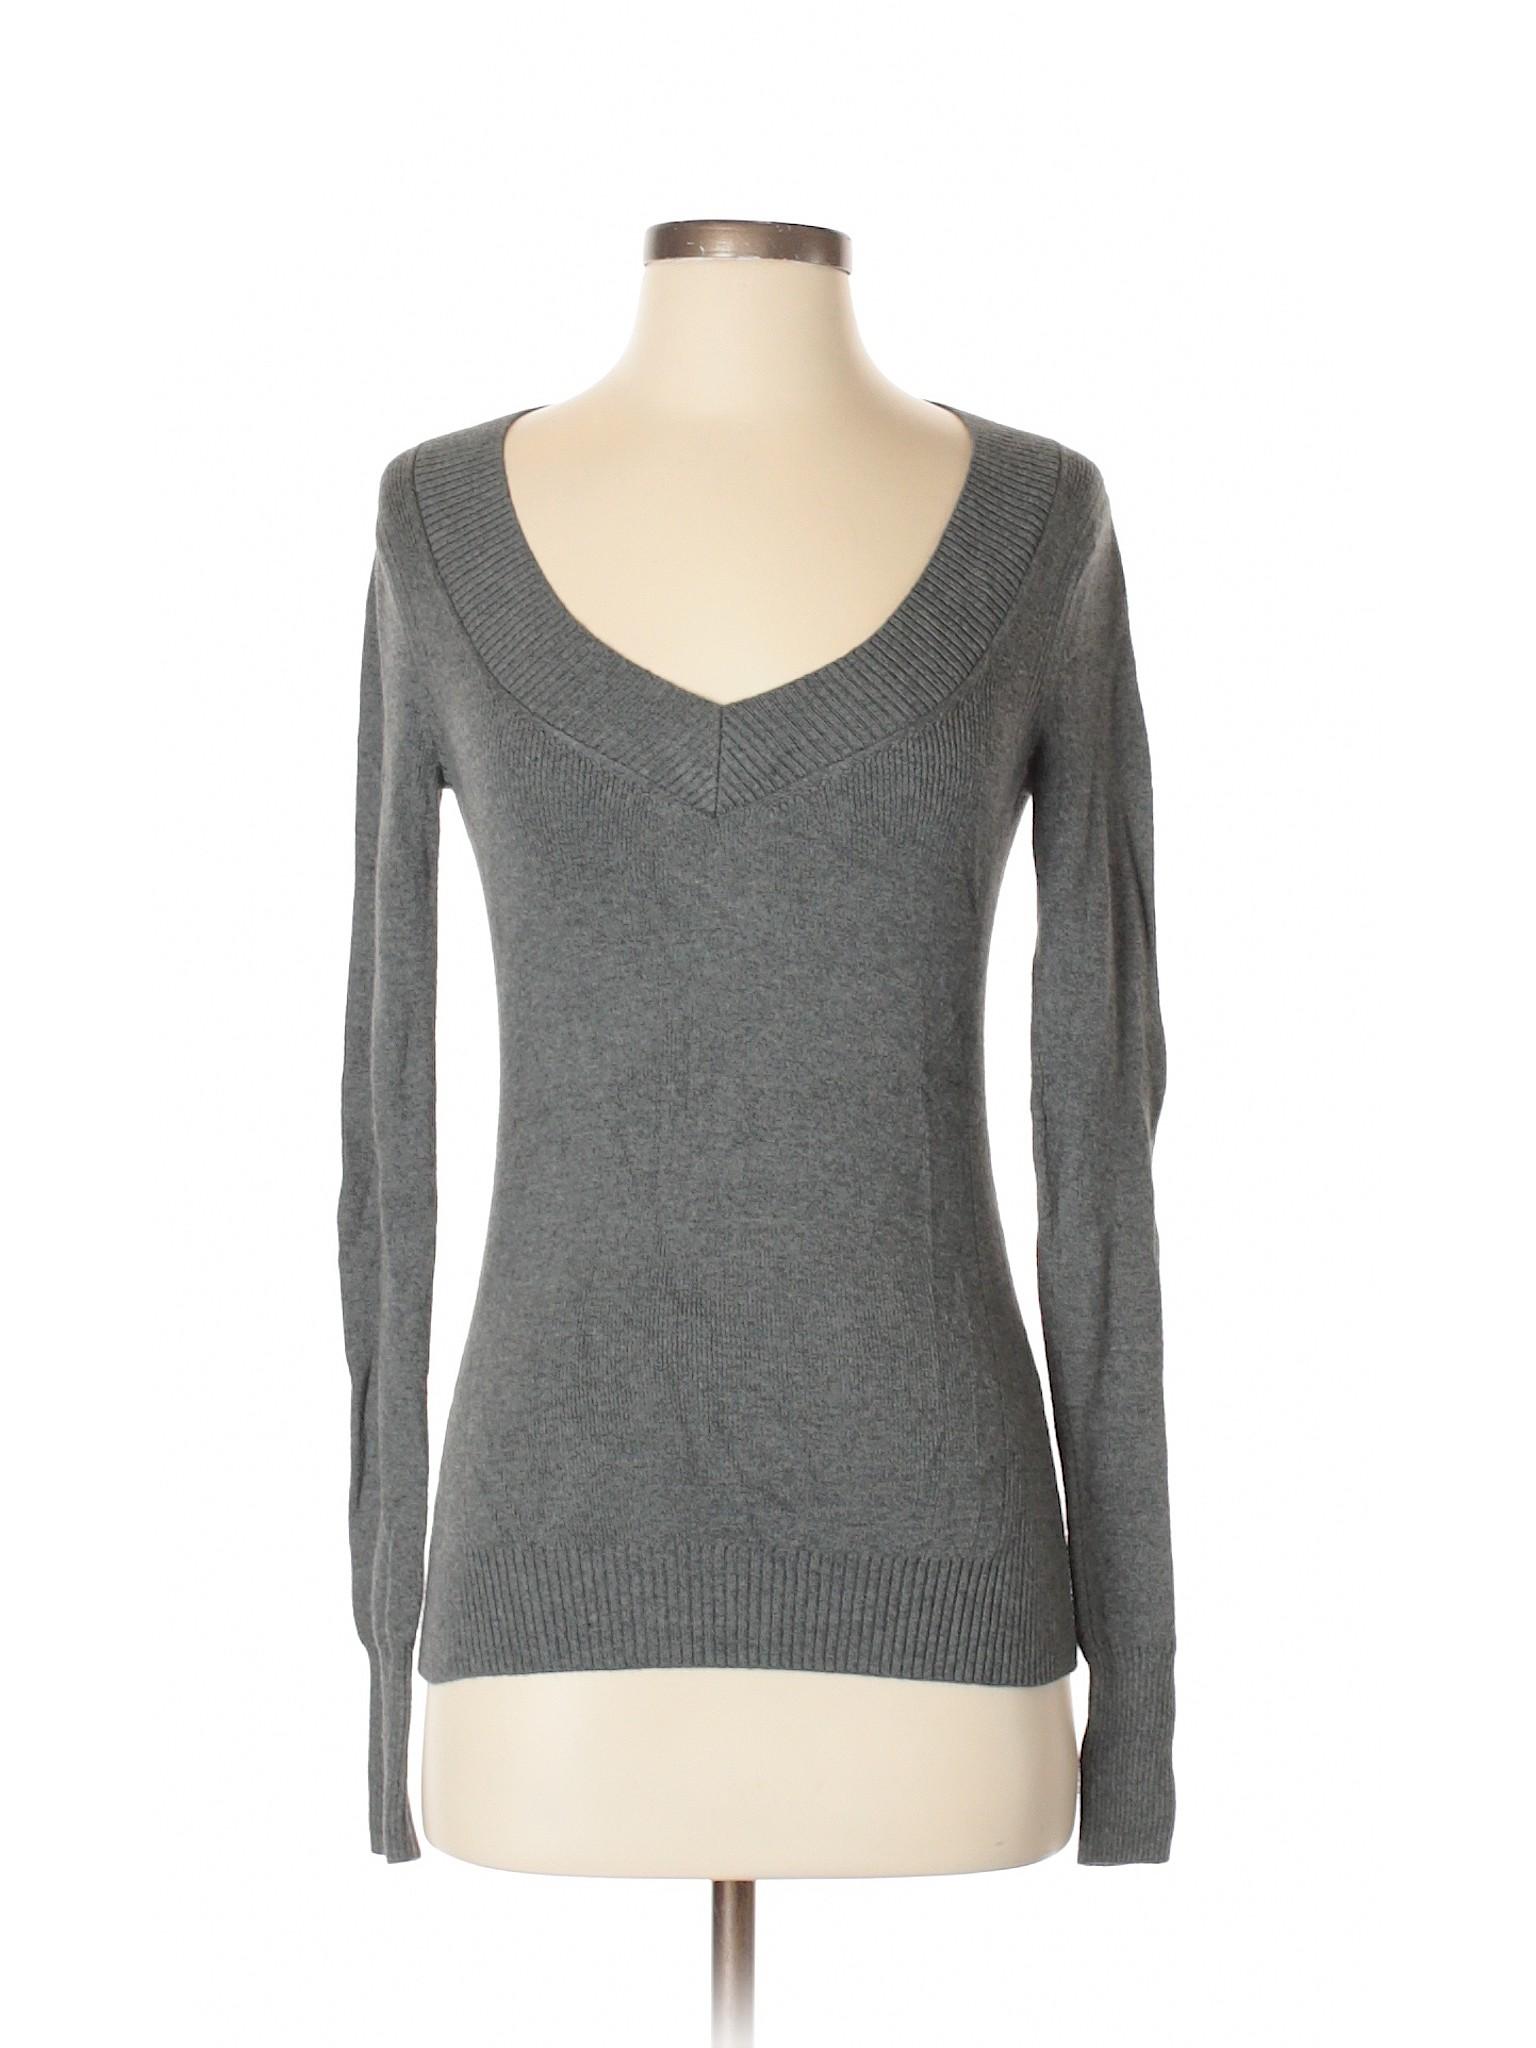 Boutique Boutique winter winter winter Pullover Express Express Sweater Boutique Sweater Pullover Express 0qfxZwHO